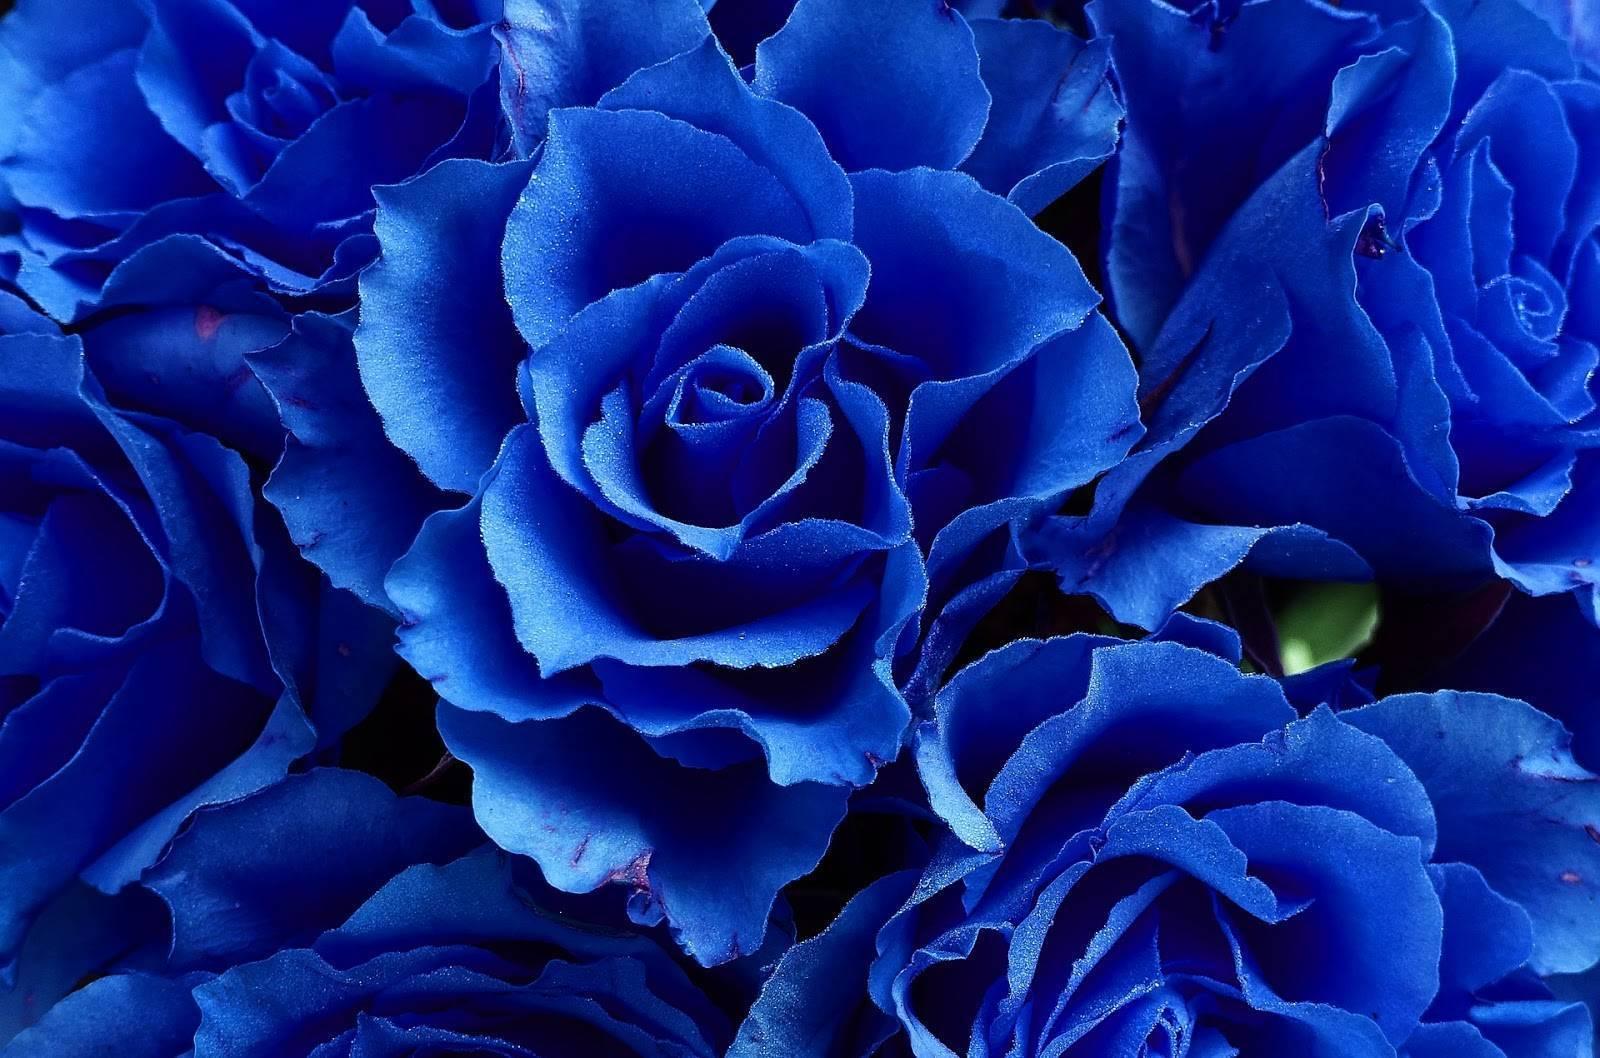 Роза синяя: фото, бывают ли они в природе, какие существуют способы получить такой цветок, в том числе как его вырастить дома и что сделать, чтобы покрасить?